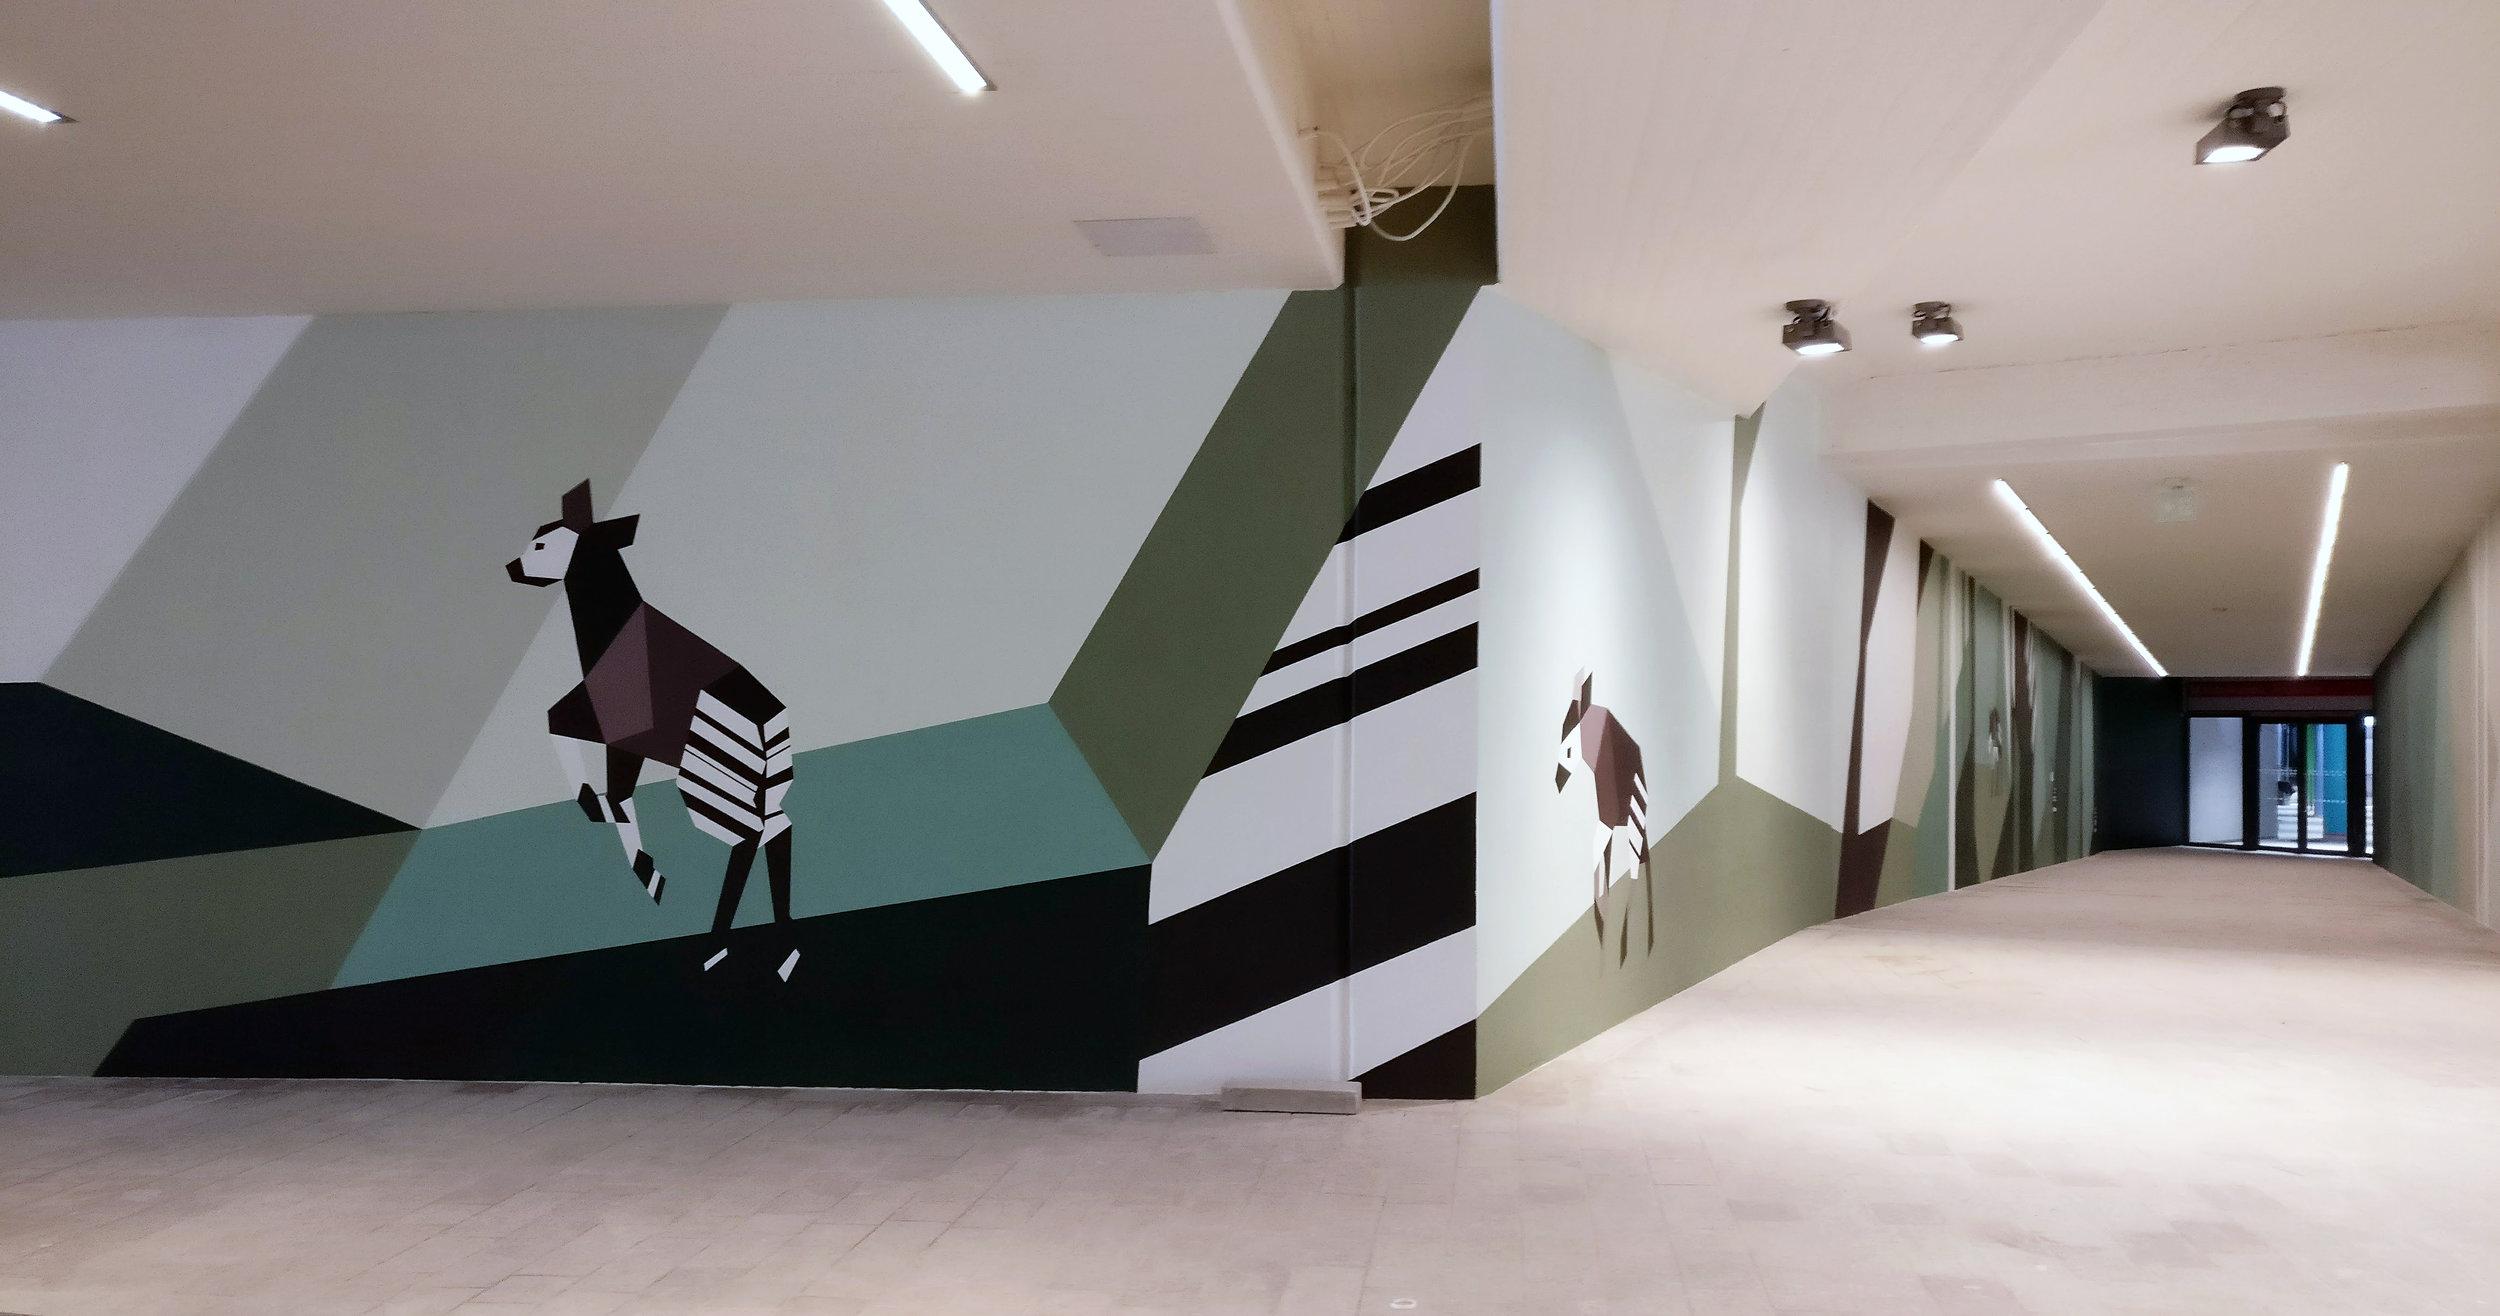 Yksi viimeaikaisia Espoon julkisen taiteen hankkeita on myös länsimetron Niittykummun pysäkin yhteyteen toteutunut, Lotta Mattilan Omilla jaloilla -teos. Lisää teoksesta  täällä .